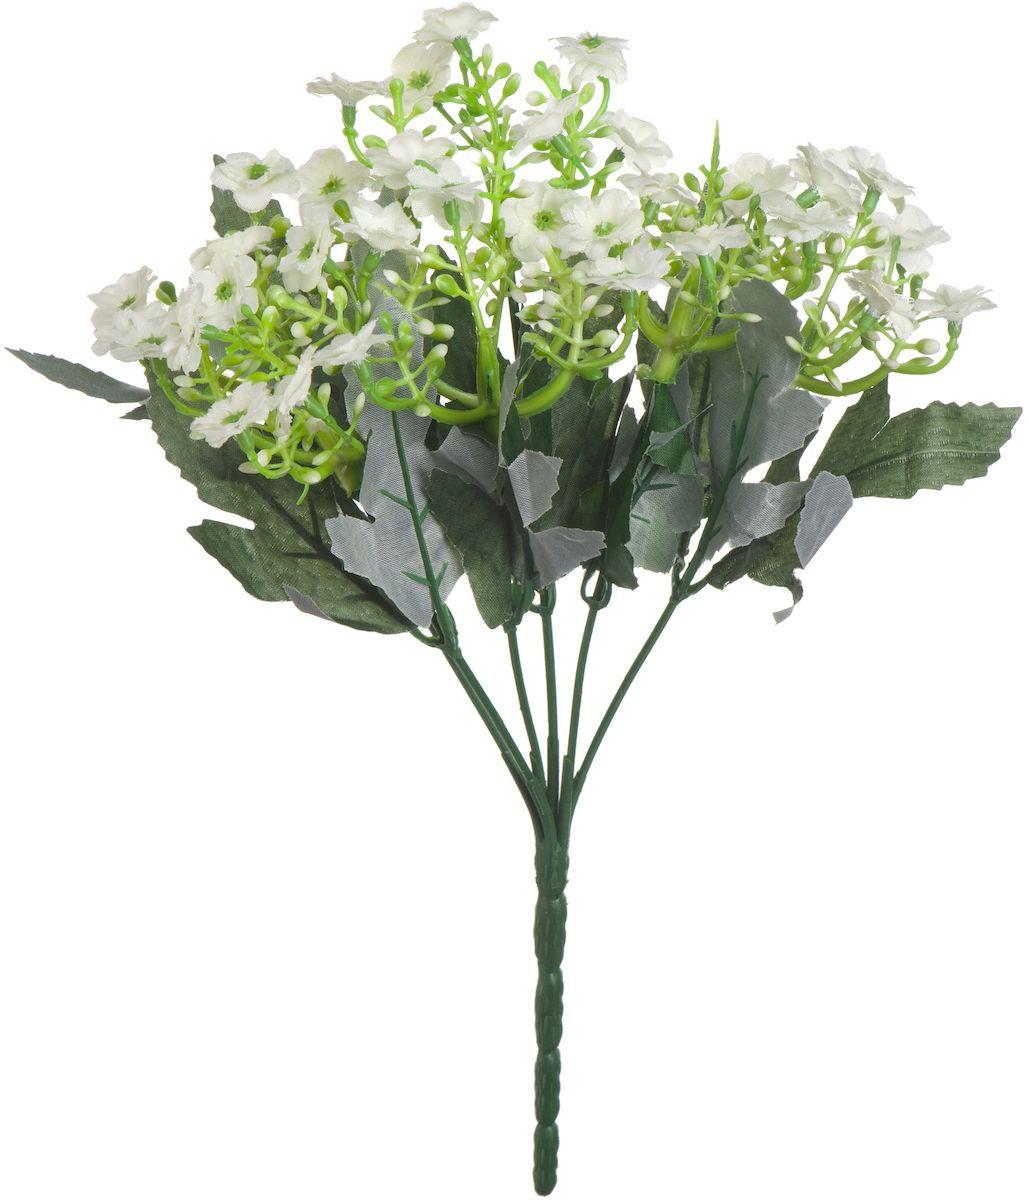 Цветы искусственные Engard Орхидея, цвет: белый, высота 23 смB-YI-19белИскусственные цветы Engard - это популярное дизайнерское решение для создания природного колорита и индивидуальности в интерьере. Искусственные цветы сделаны из высококачественного материала передающего неповторимую естественность и легкость. Не требует постоянного ухода. Высота: 23 см.